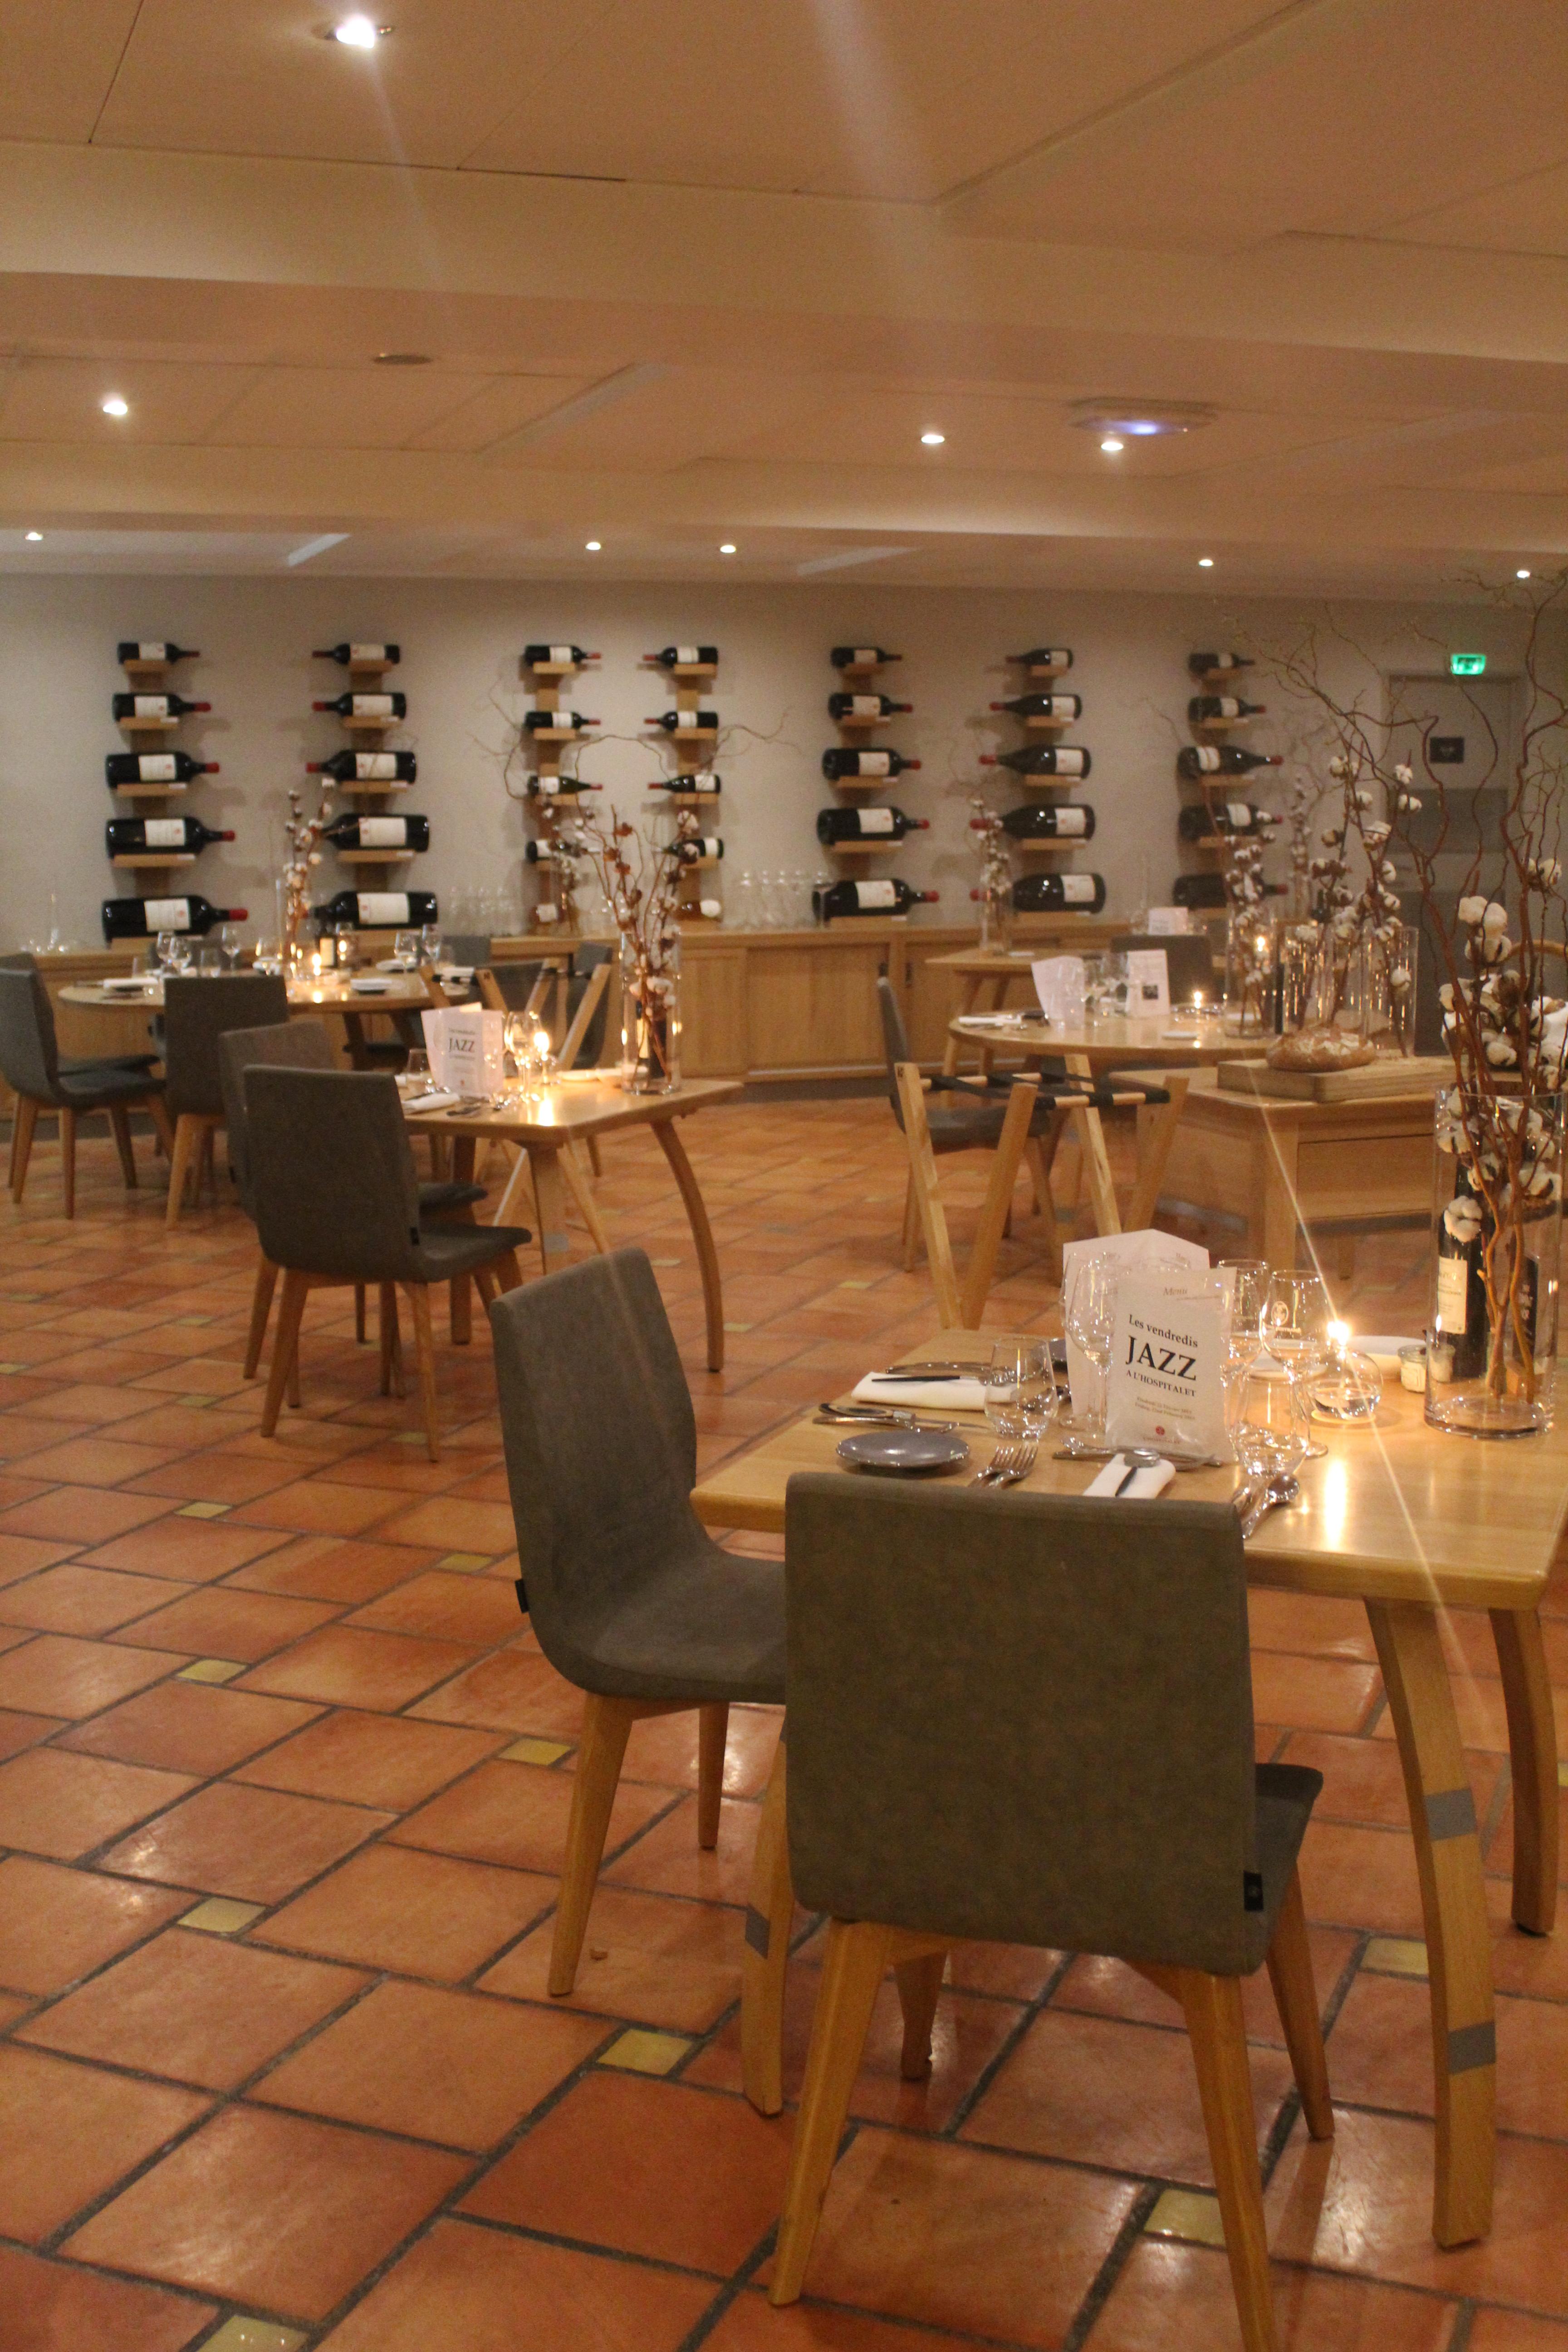 Charmant Laurent Chabert Est à La Tête Des Cuisines Du Restaurant Lu0027Art De Vivre  Depuis 2014. Auvergnat Du0027origine, Laurent, Fils Du0027agriculteurs, A Le  Respect Du ...